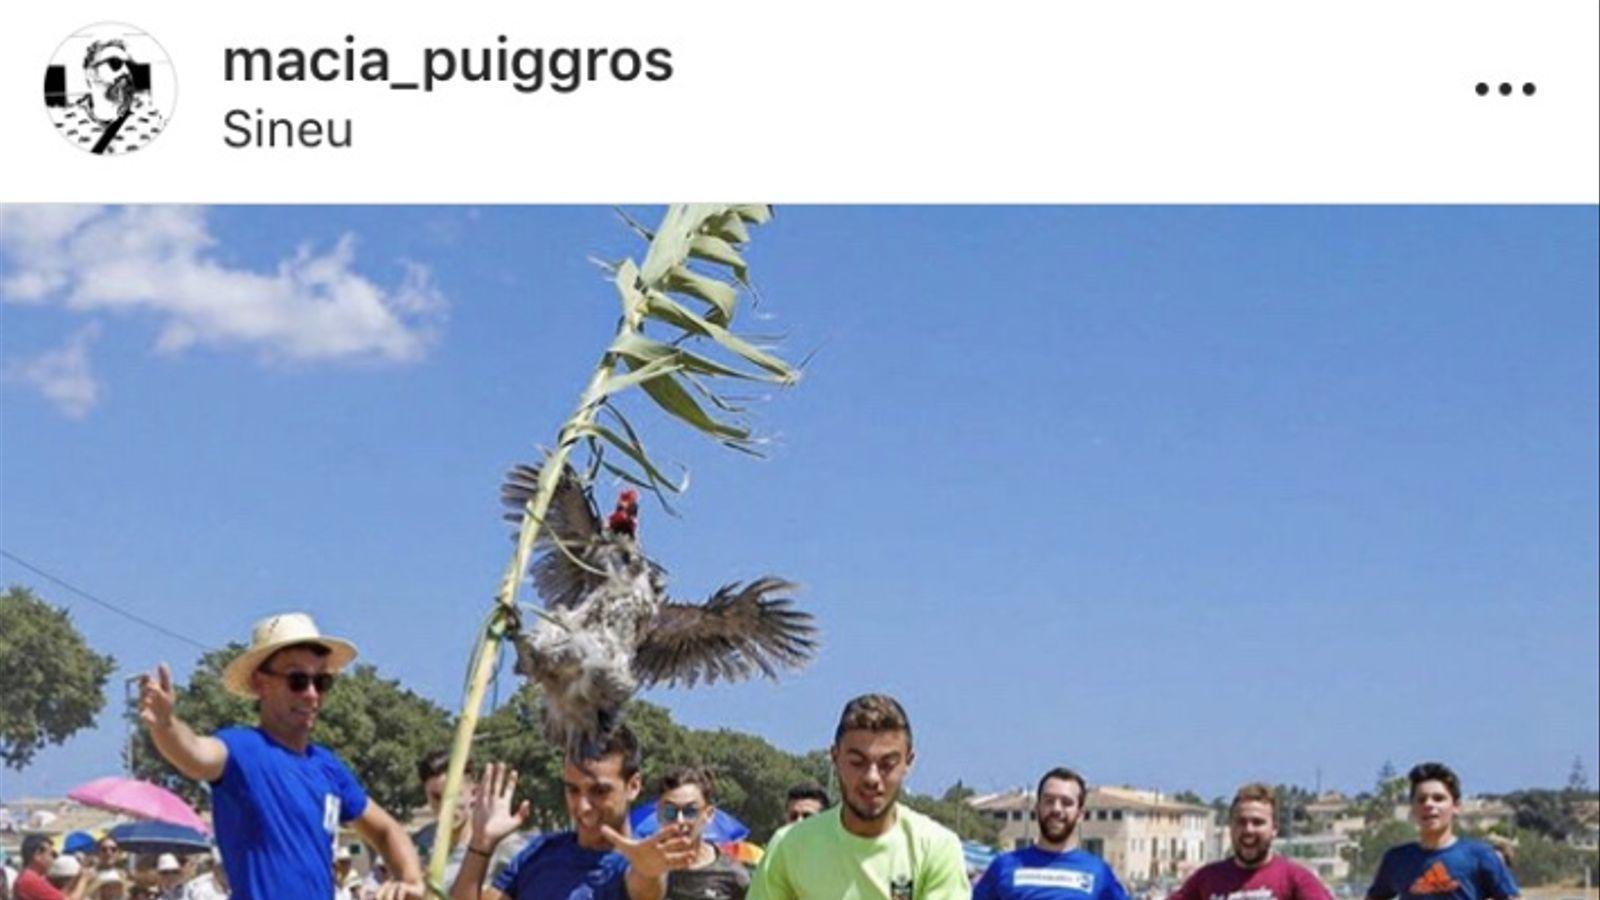 L'Associació Animalista de les Illes Balears denunciarà l'Ajuntament de Sineu per maltractament animal